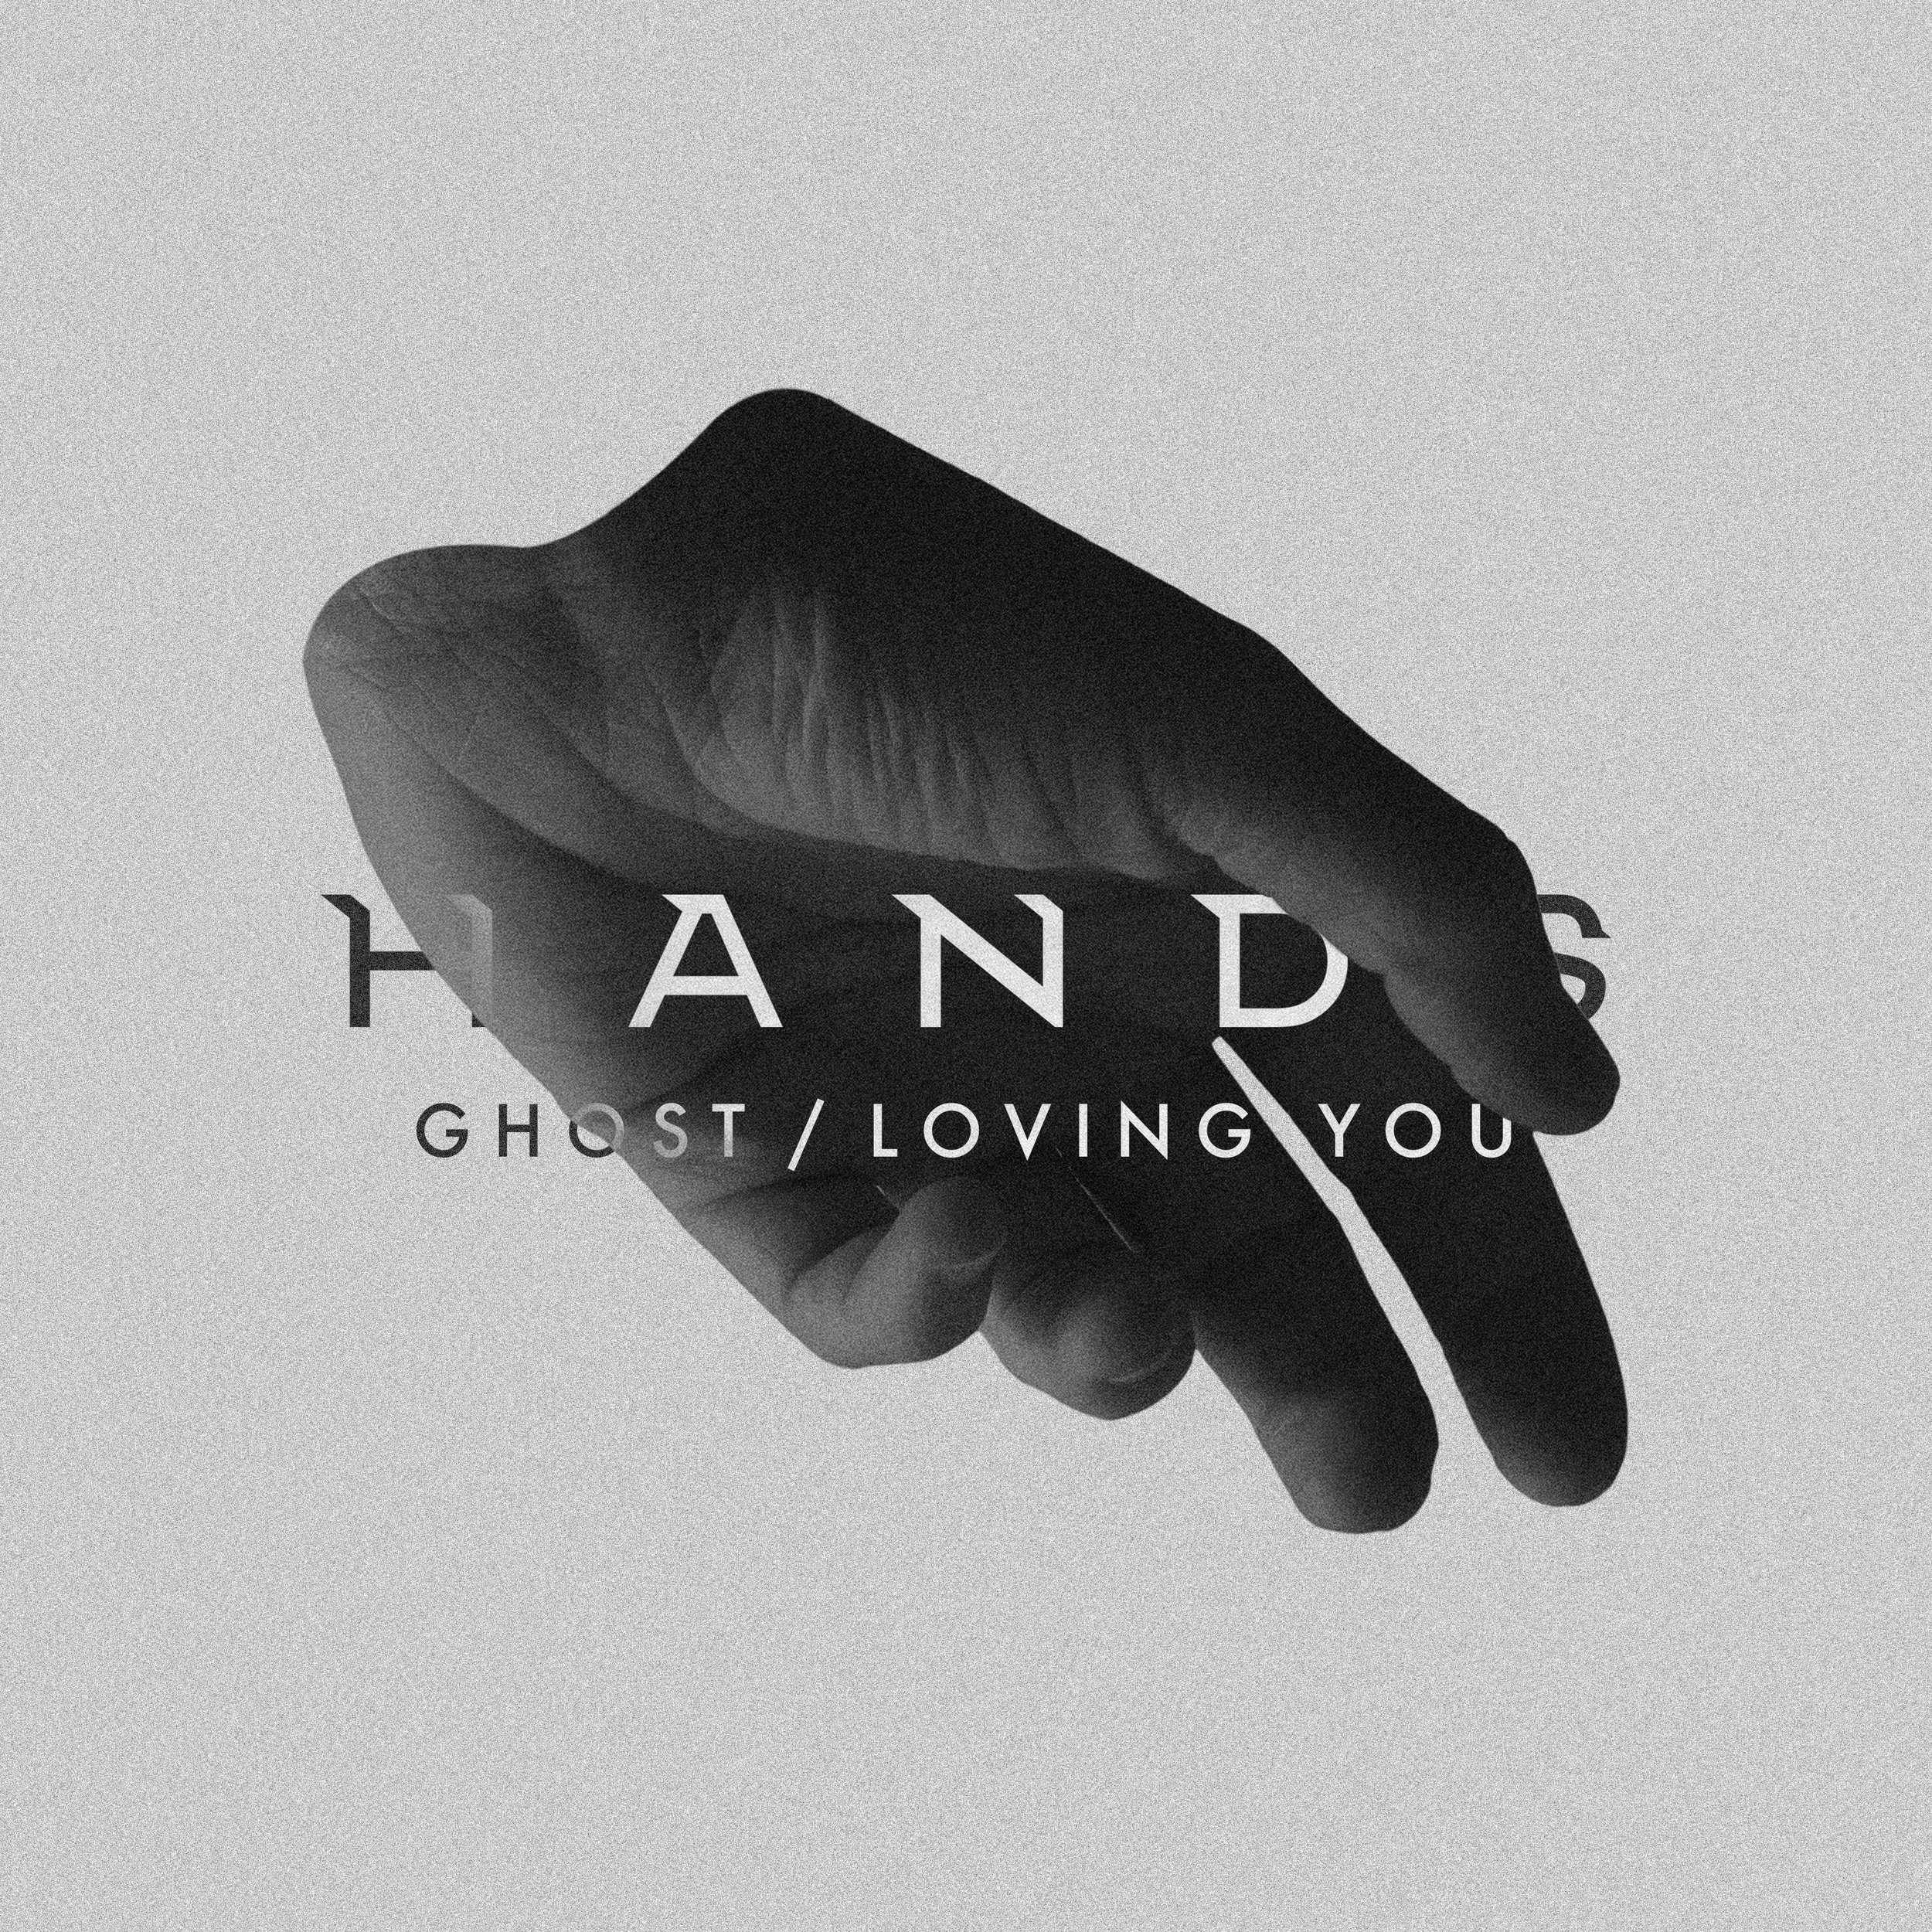 Artwork voor 'Ghost / Loving You', een single van HANDS.